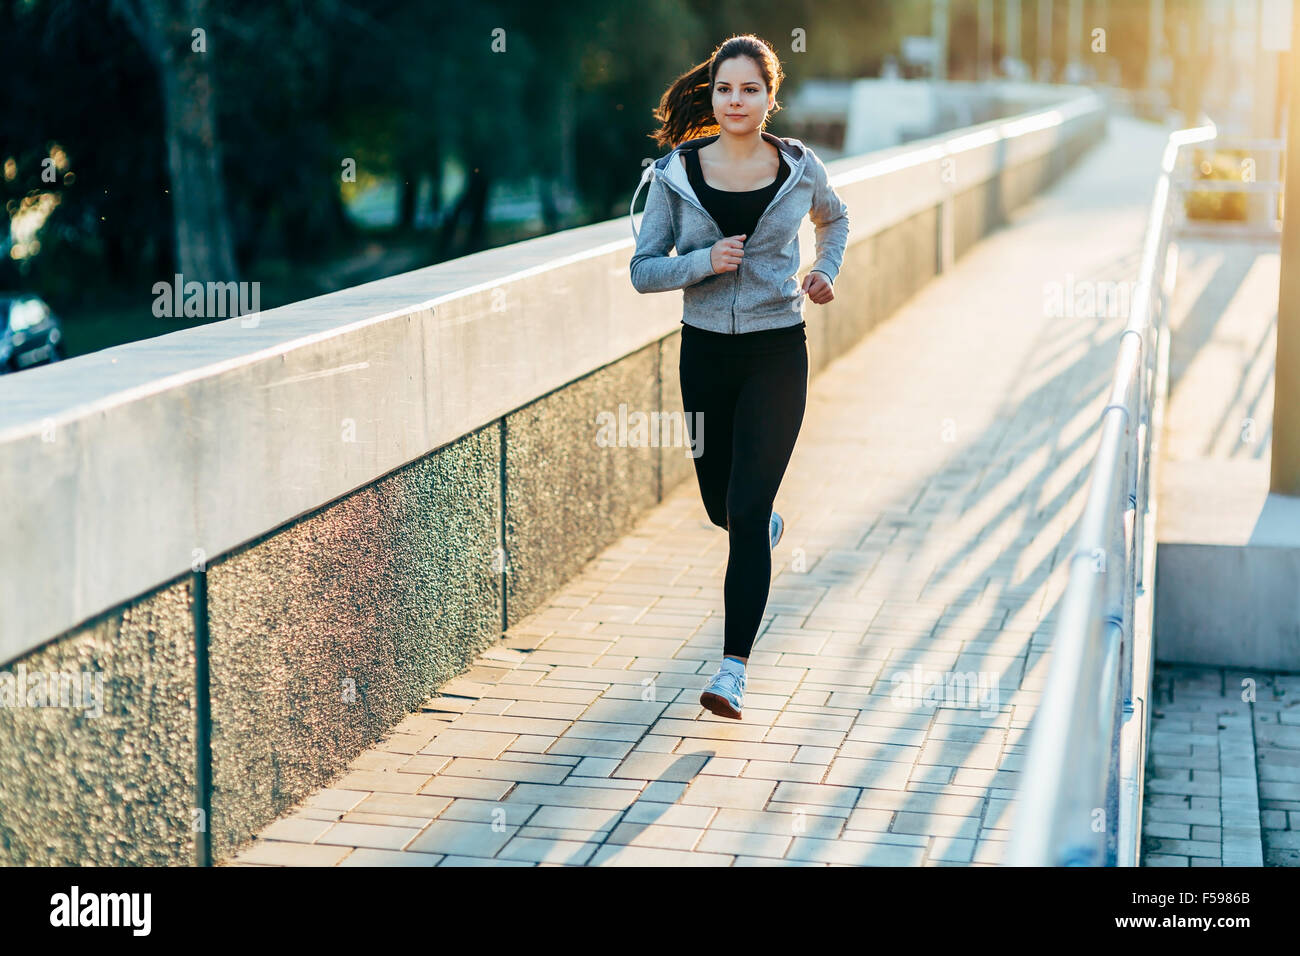 Donna sportiva jogging in città per mantenere il suo corpo e la sua anima in forma Immagini Stock